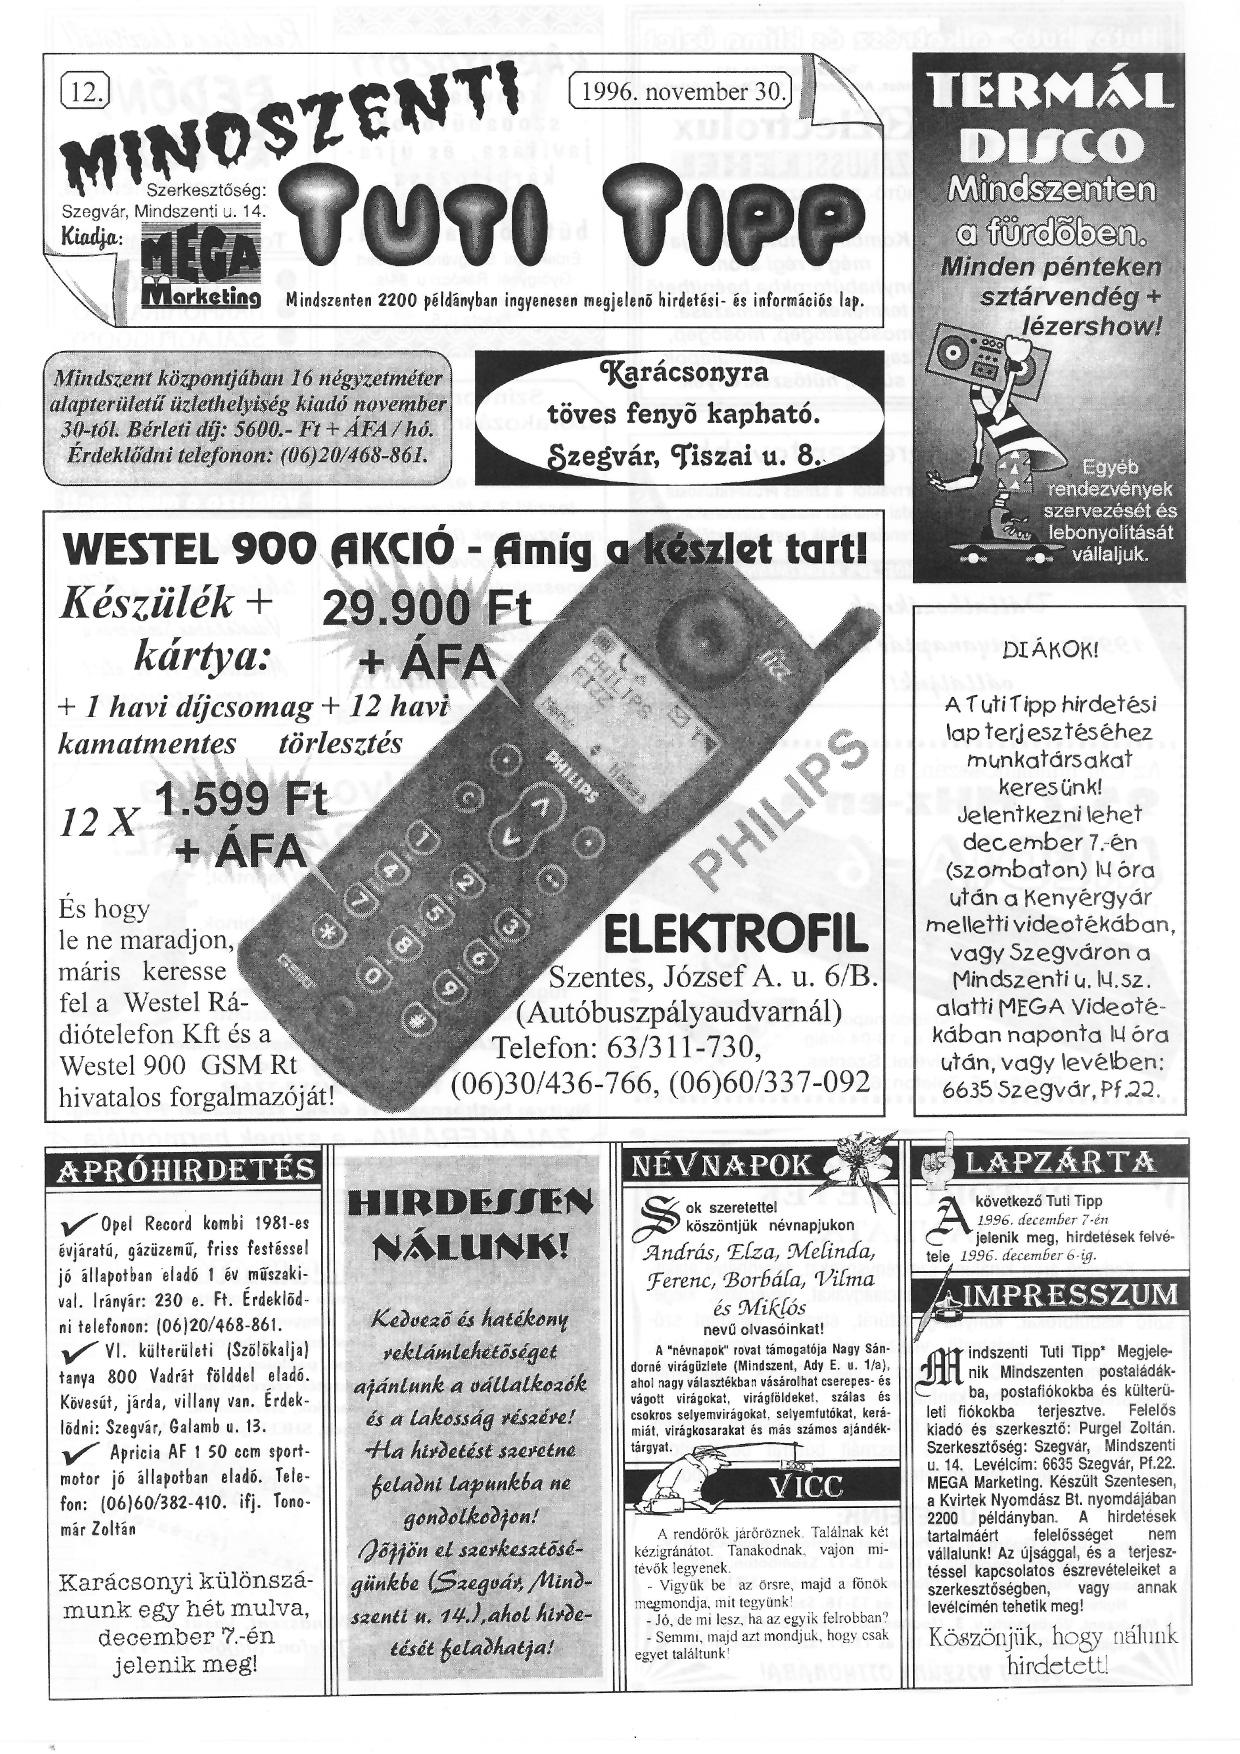 075 Mindszenti Tuti Tipp reklámújság - 19961130-012. lapszám - 1.oldal - II. évfolyam.jpg